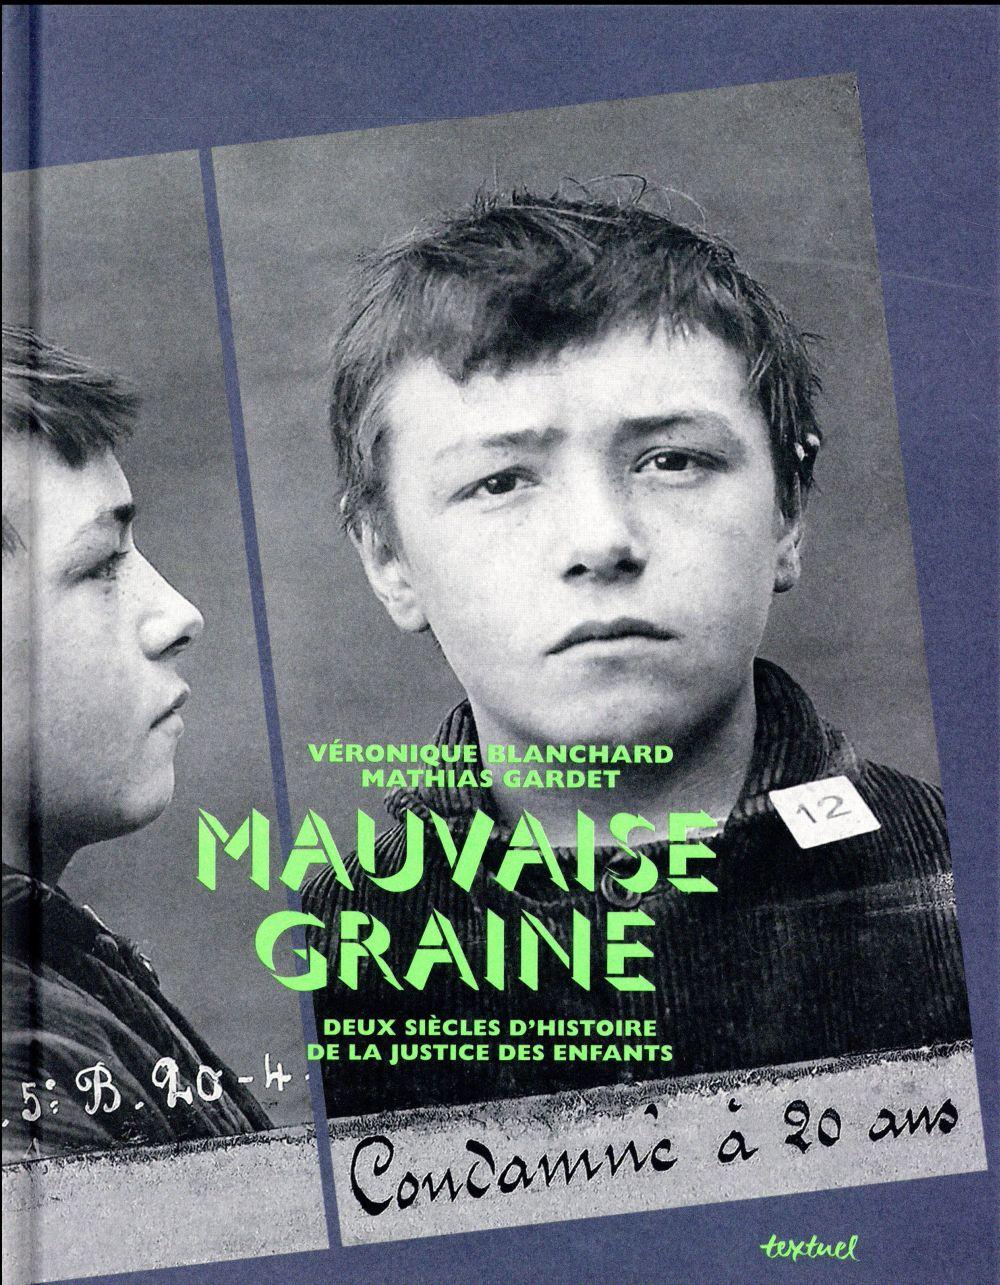 MAUVAISE GRAINE - DEUX SIECLES D'HISTOIRE DE LA JUSTICE DES ENFANTS